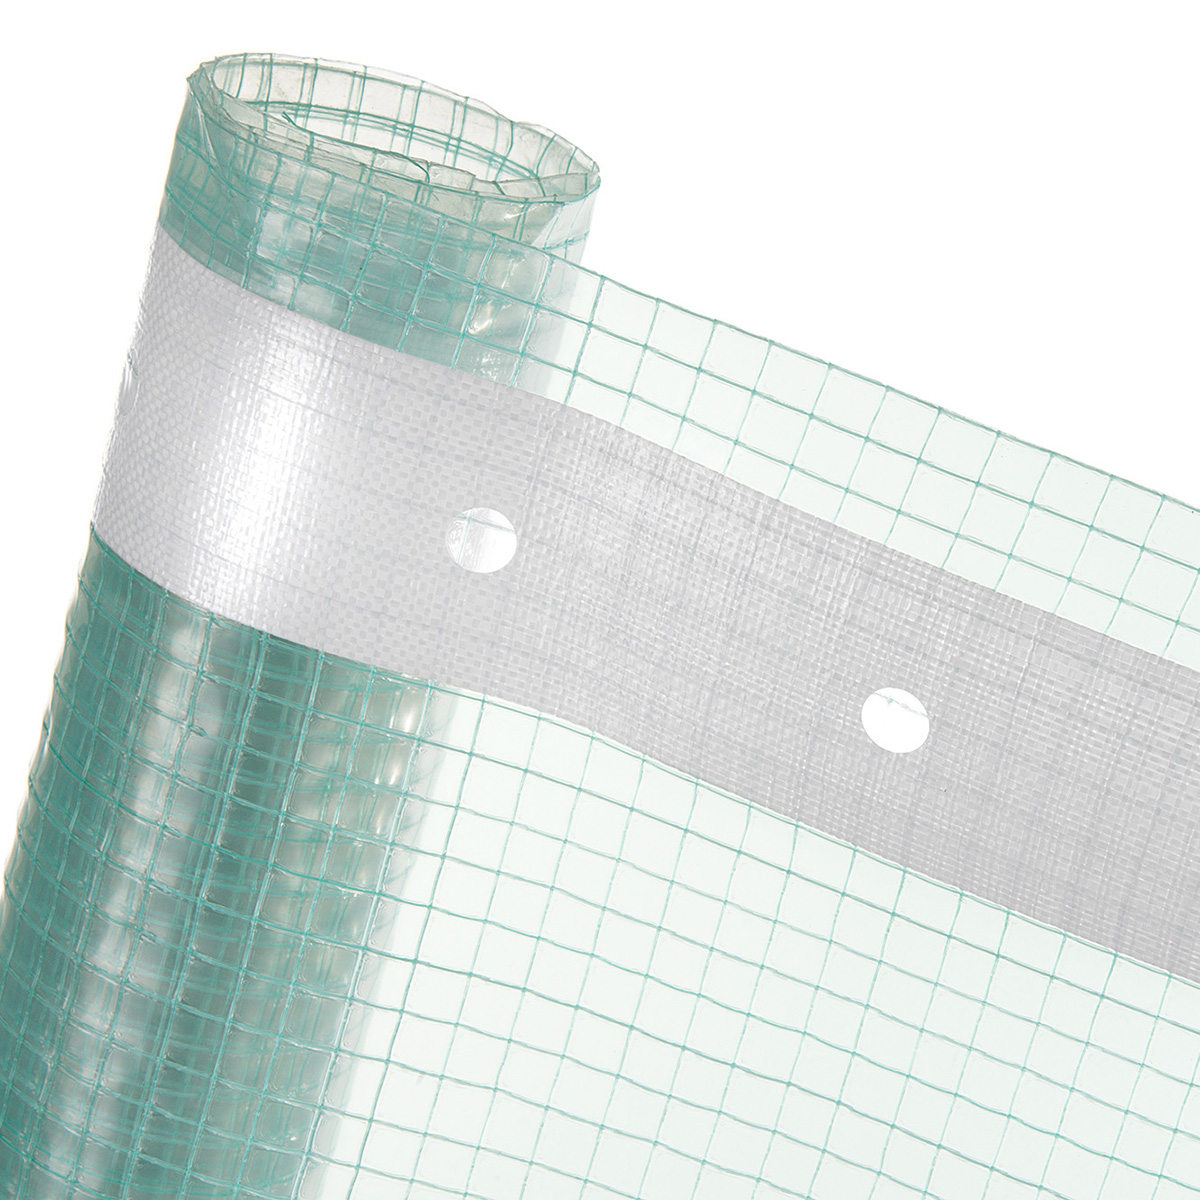 GITTERFOLIE in 1,5m Breite (Meterware) für Gewächshausbau Folientunnel